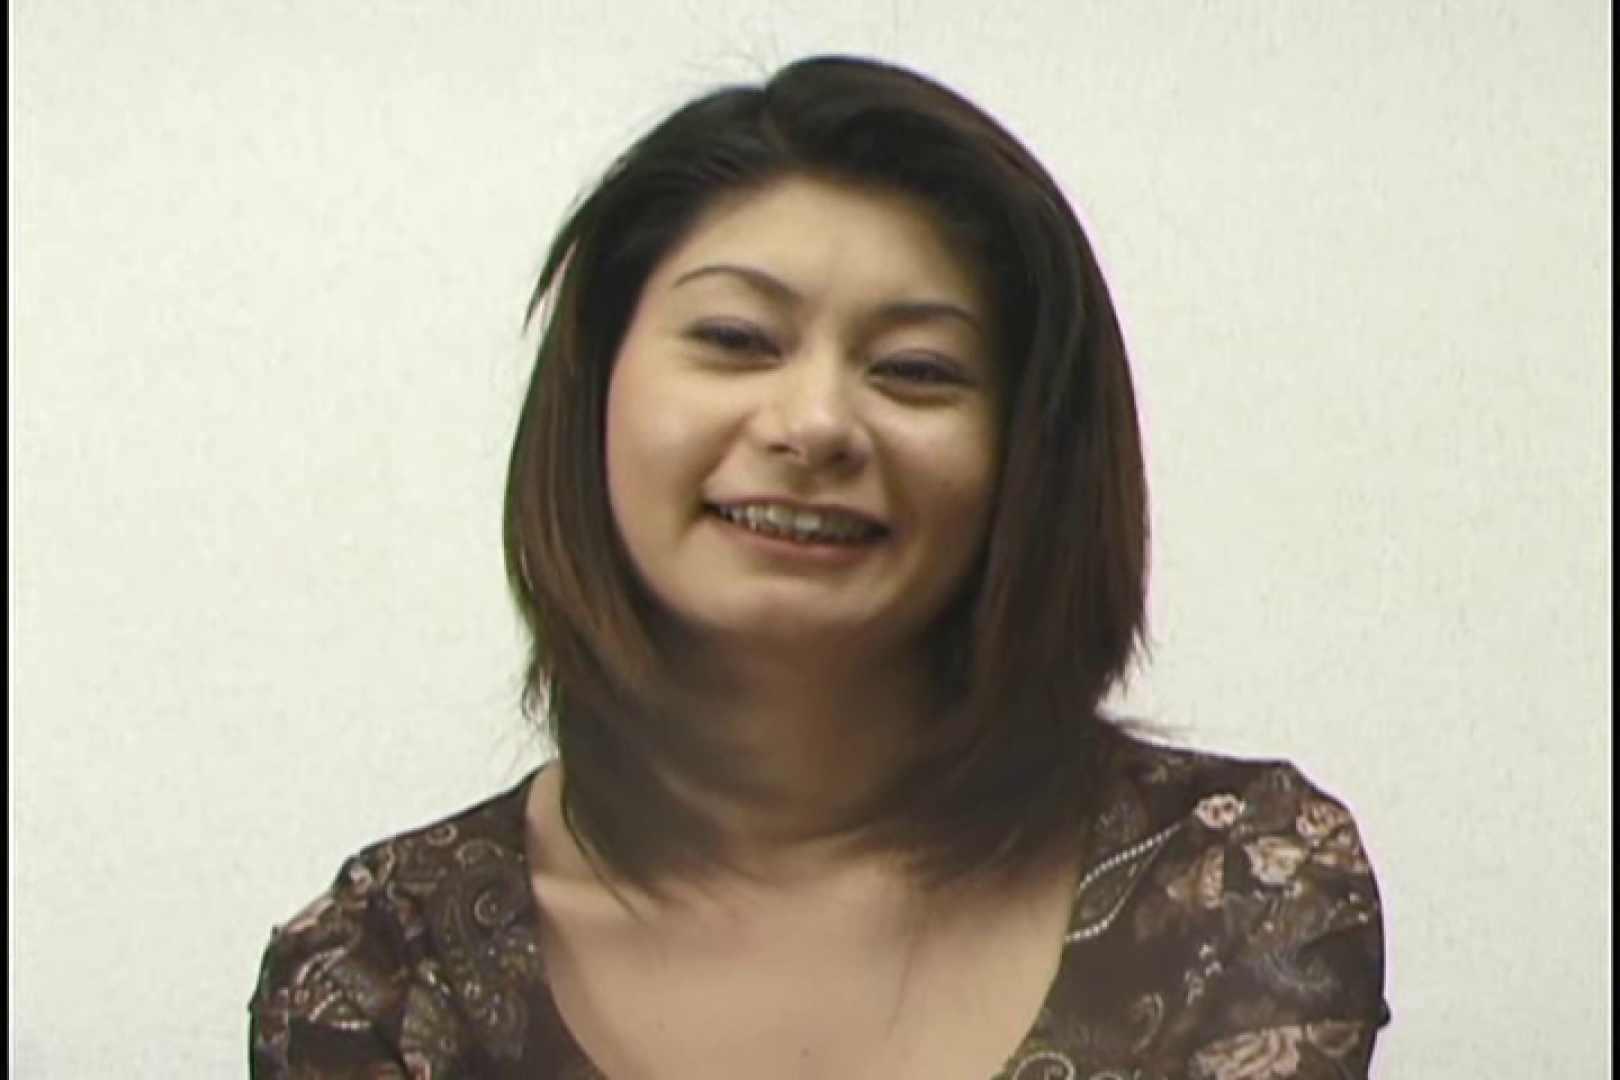 素人嬢126人のハメ撮り 清川百合 素人流出動画 盗撮画像 74枚 38